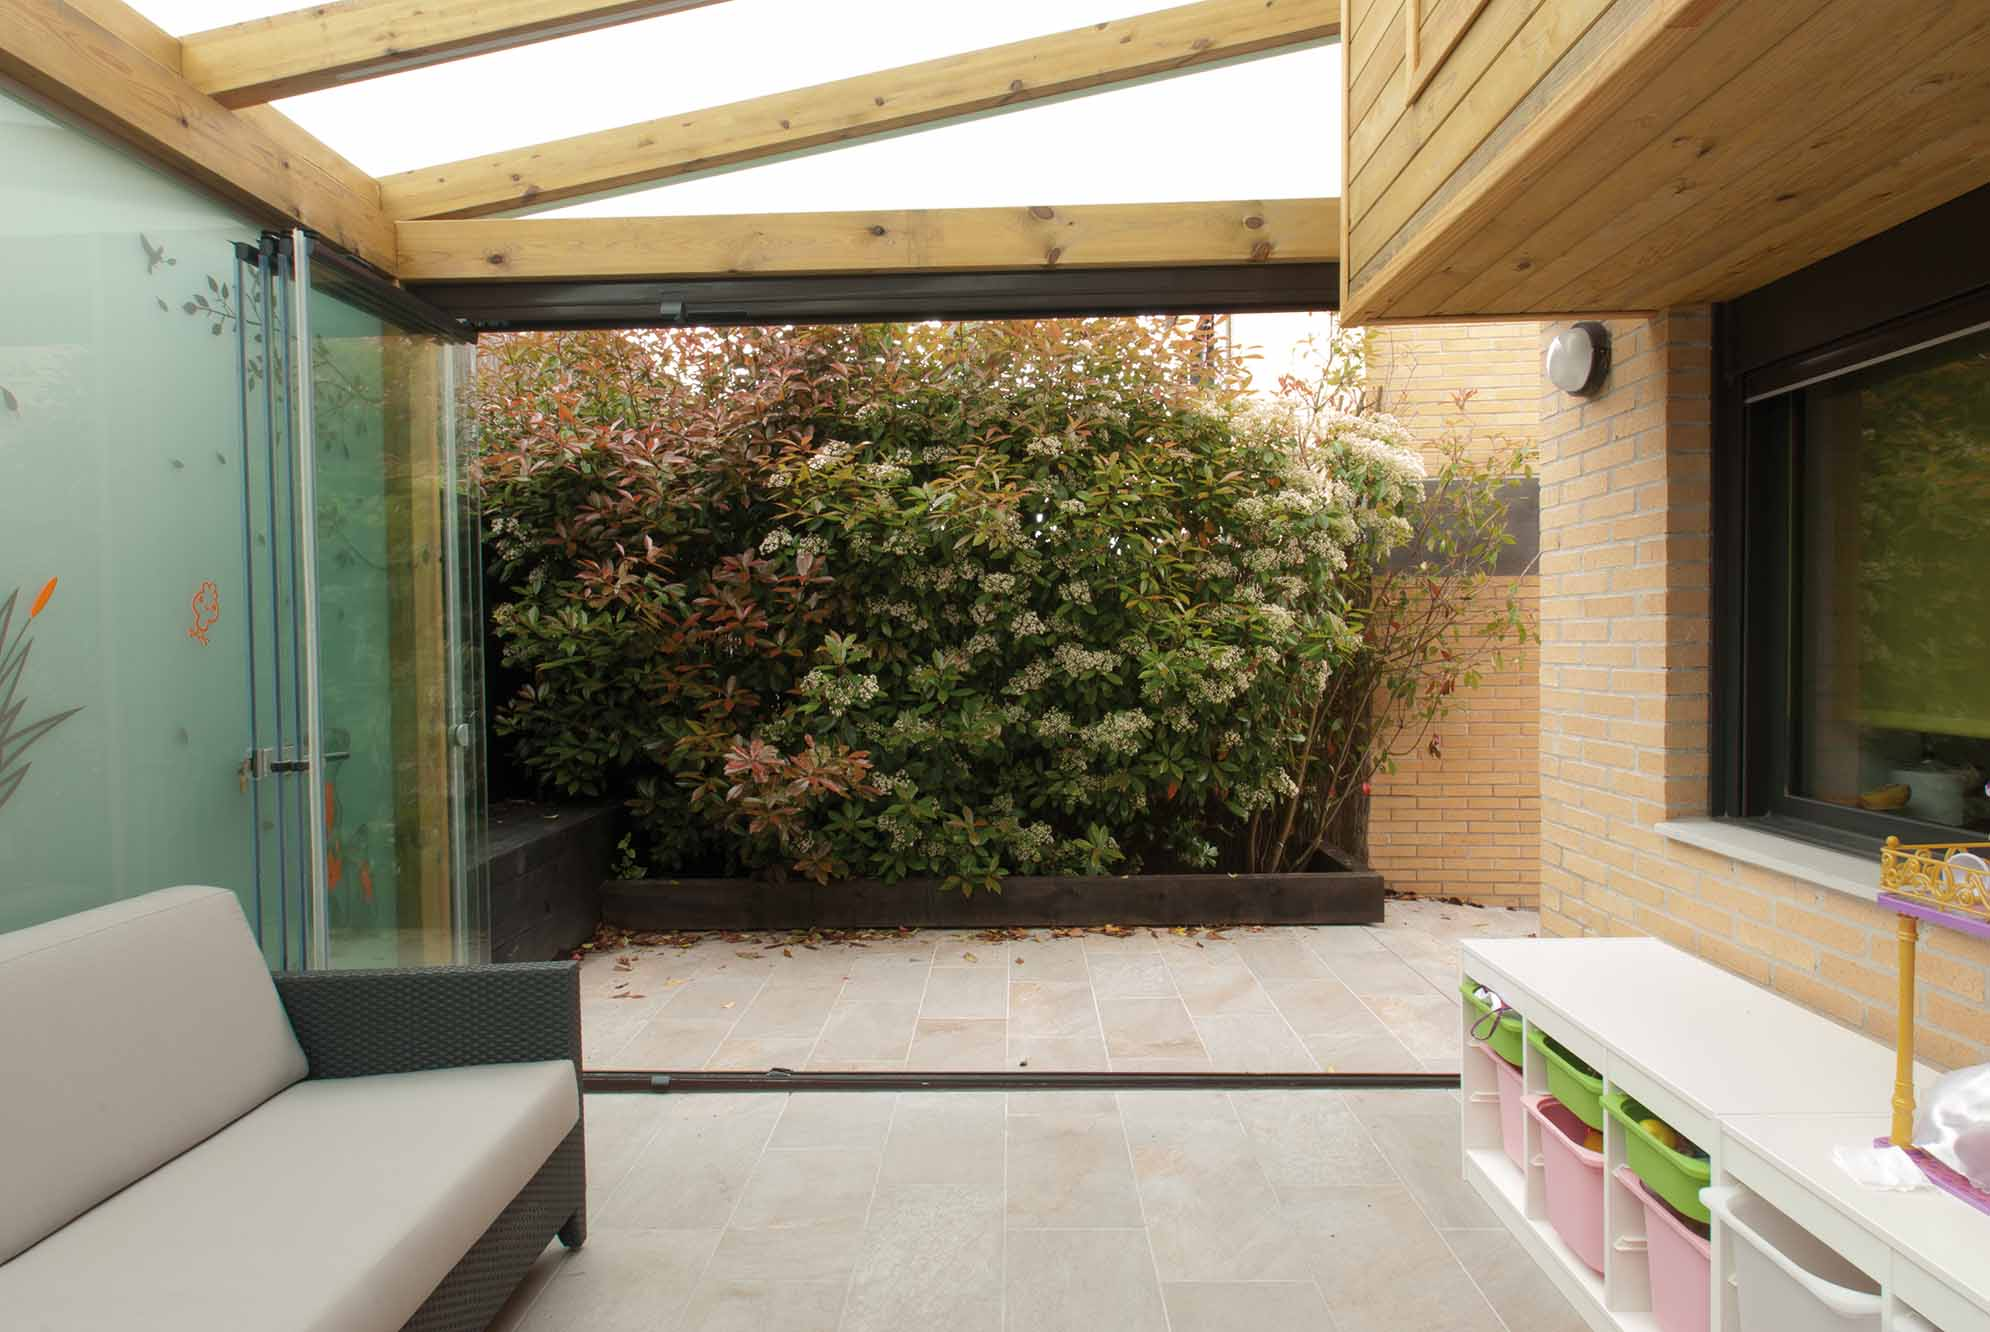 cerramientos-cristal-porches-jardines-aticos-5